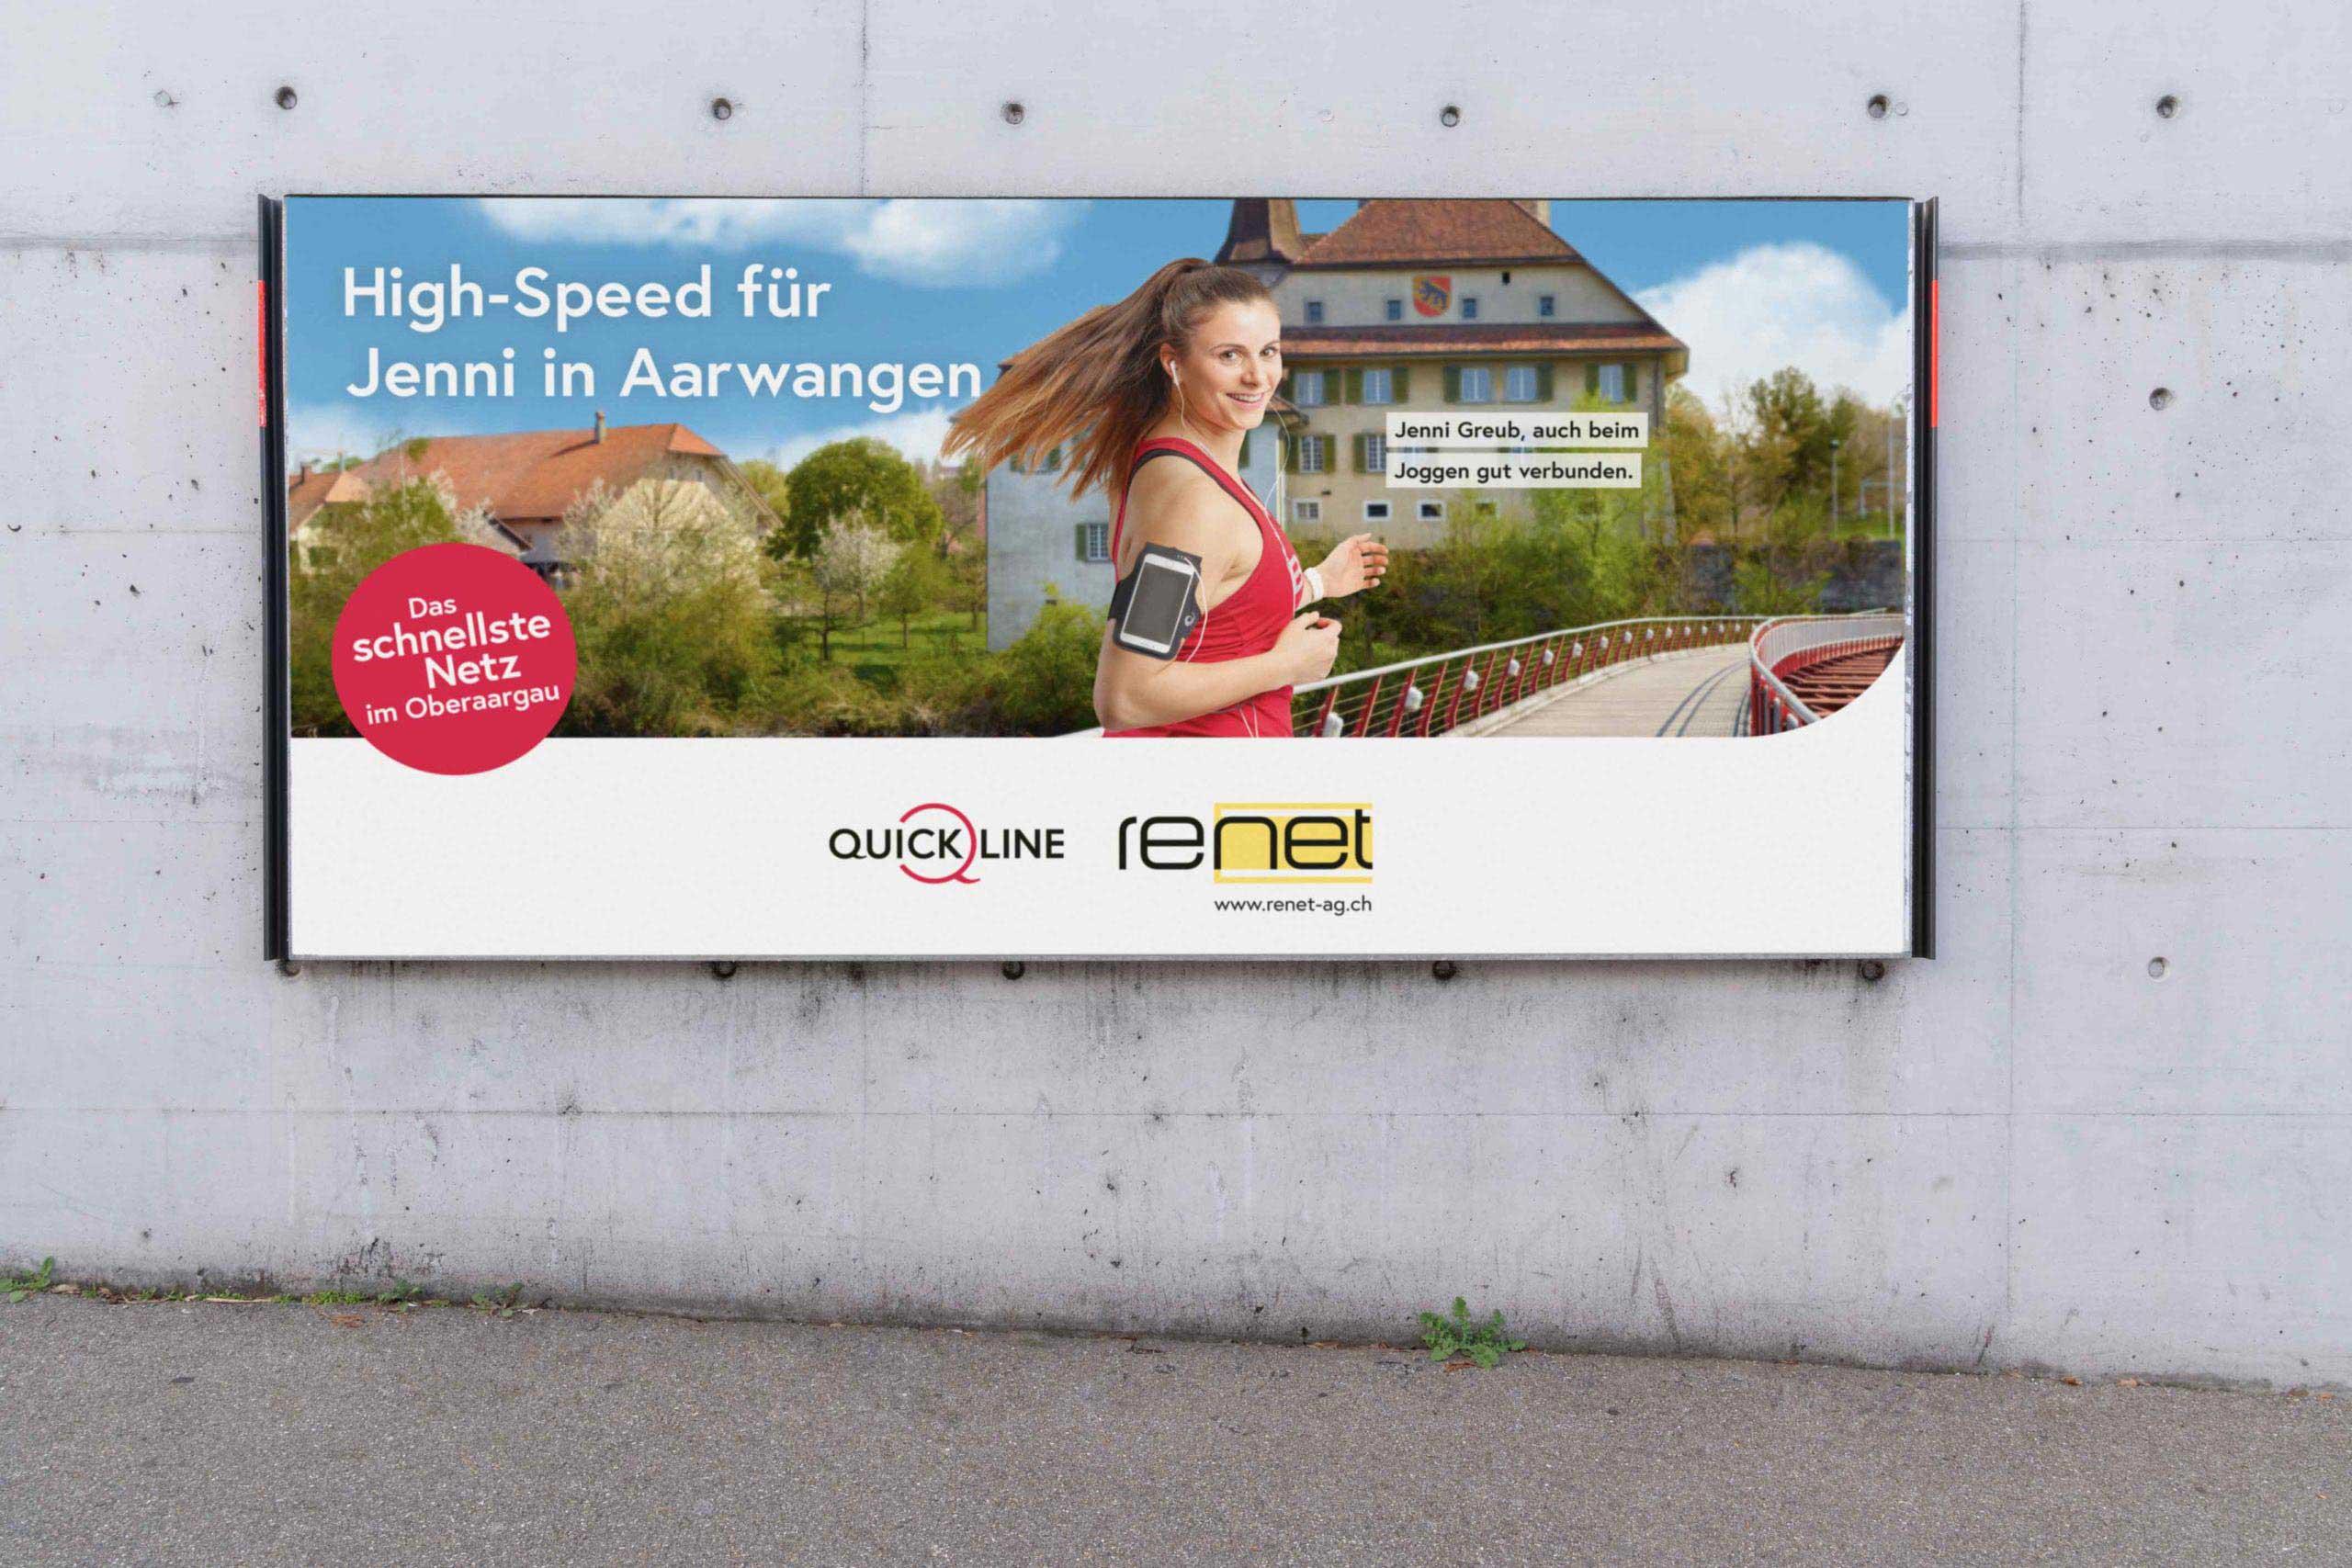 Renet Plakat F12 Jenni